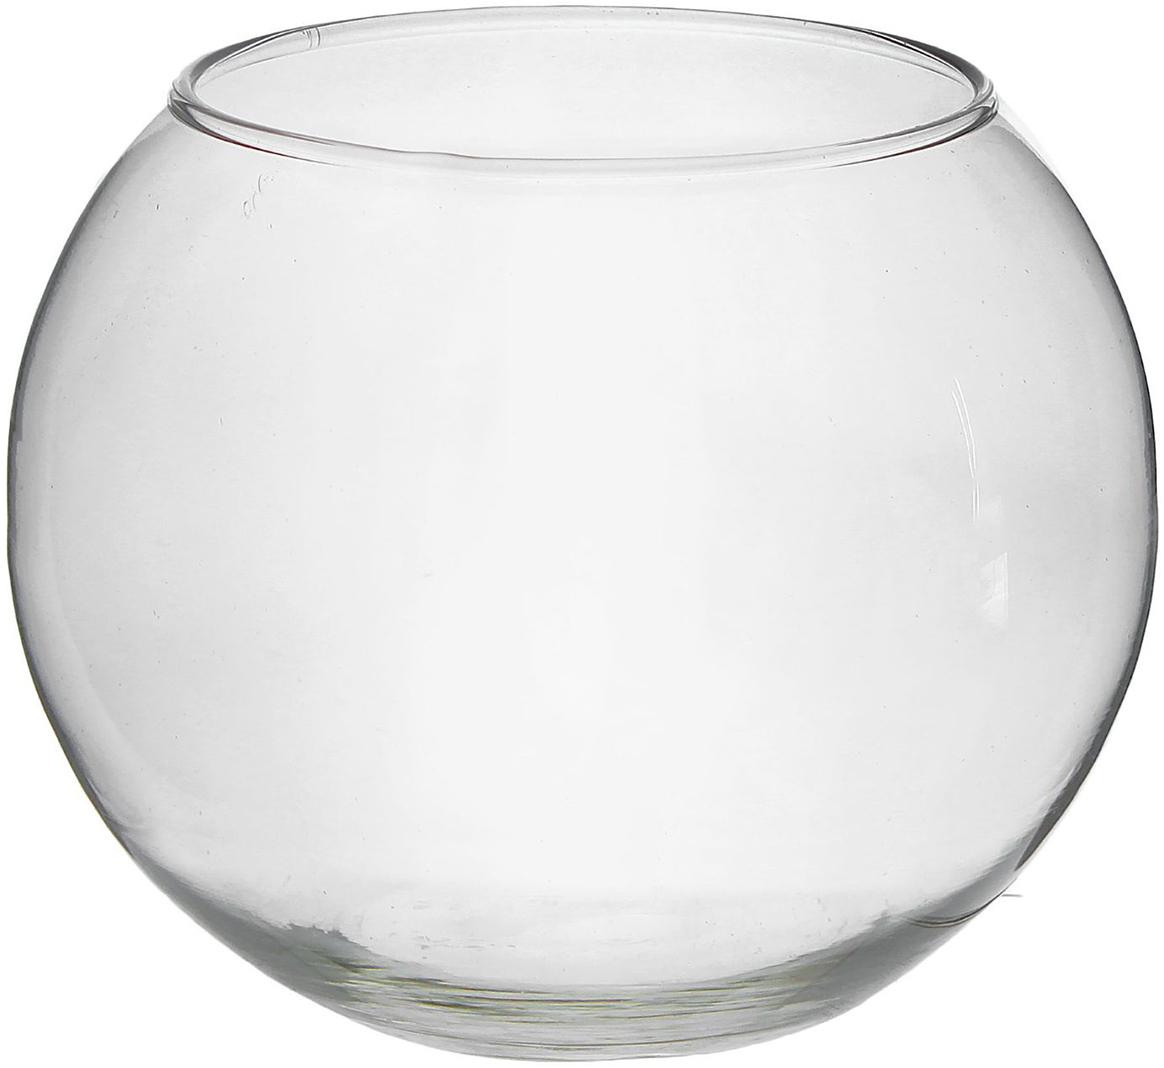 Ваза Evis Шар, 5 л ваза шар evis сиреневый мираж цвет сиреневый 3 л